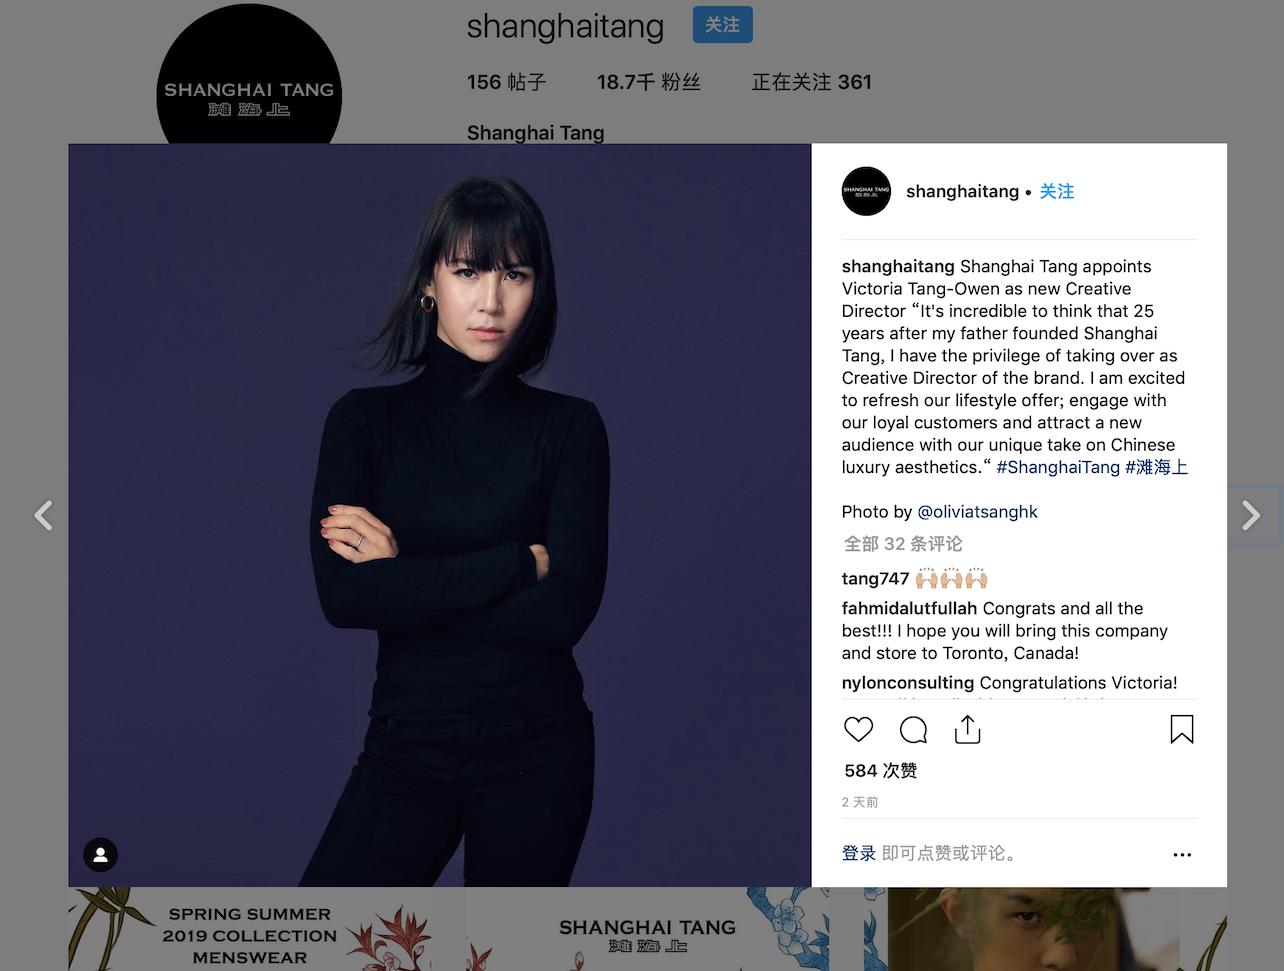 中国风奢侈品牌上海滩宣布新任创意总监:创始人邓永锵爵士的长女邓爱嘉